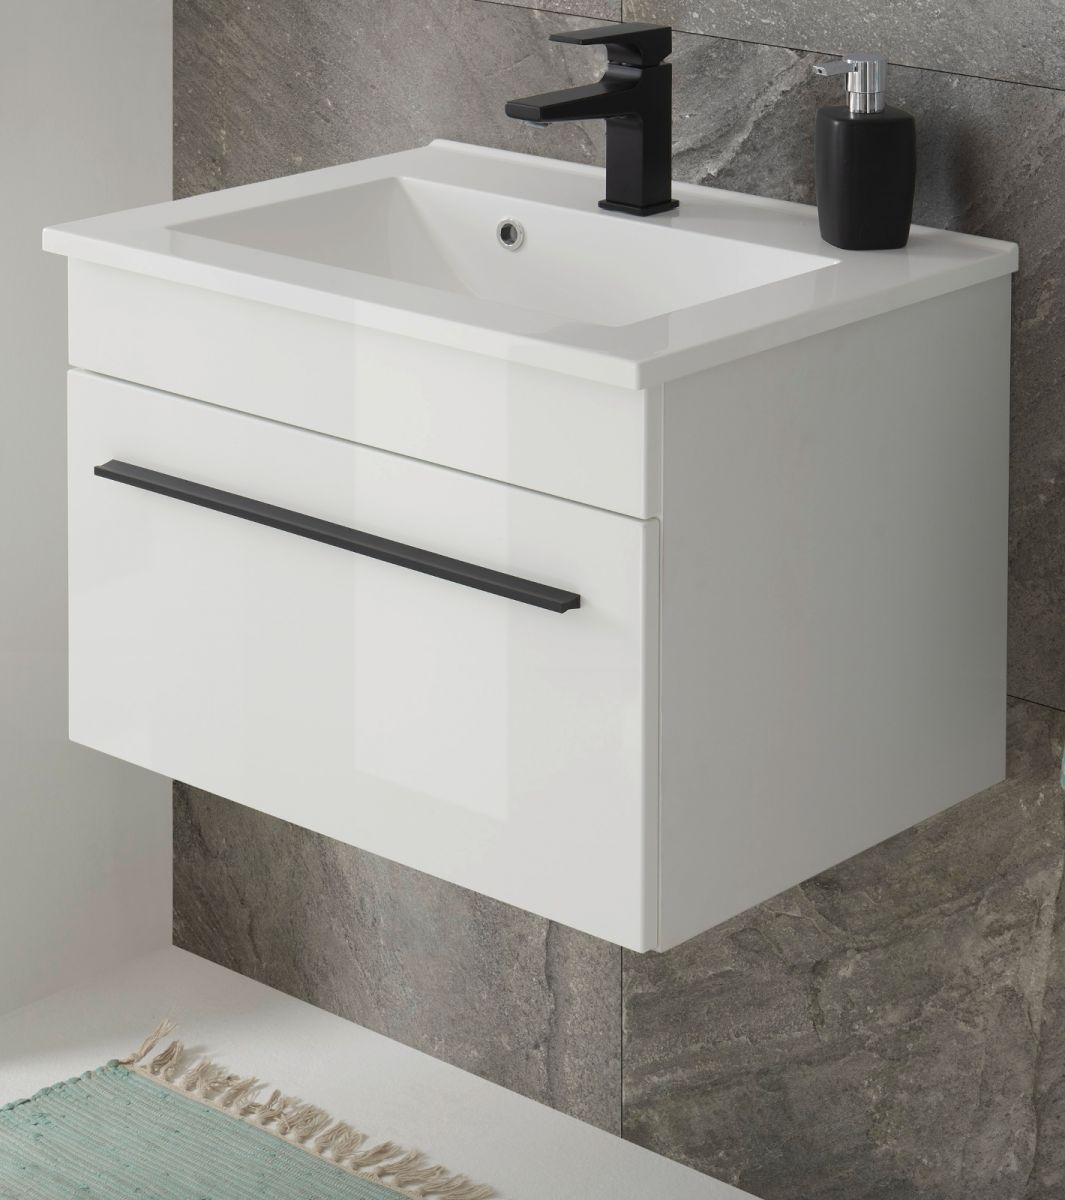 Waschbeckenunterschrank hängend mit Waschbecken Design-D in Hochglanz weiss 60 cm